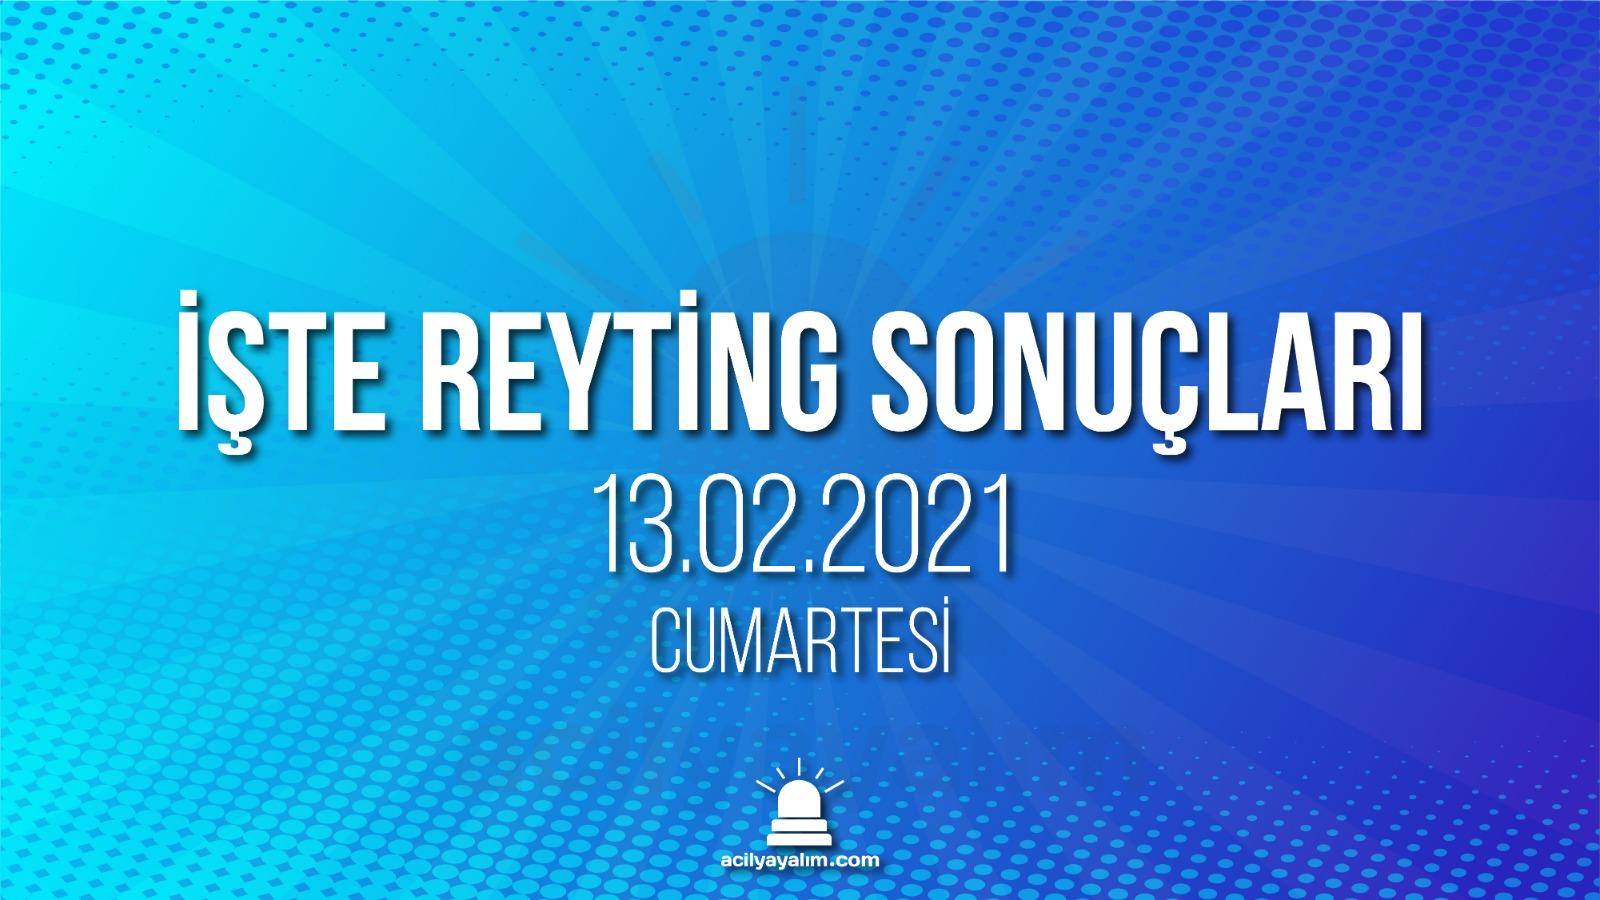 13 Şubat 2021 Cumartesi reyting sonuçları